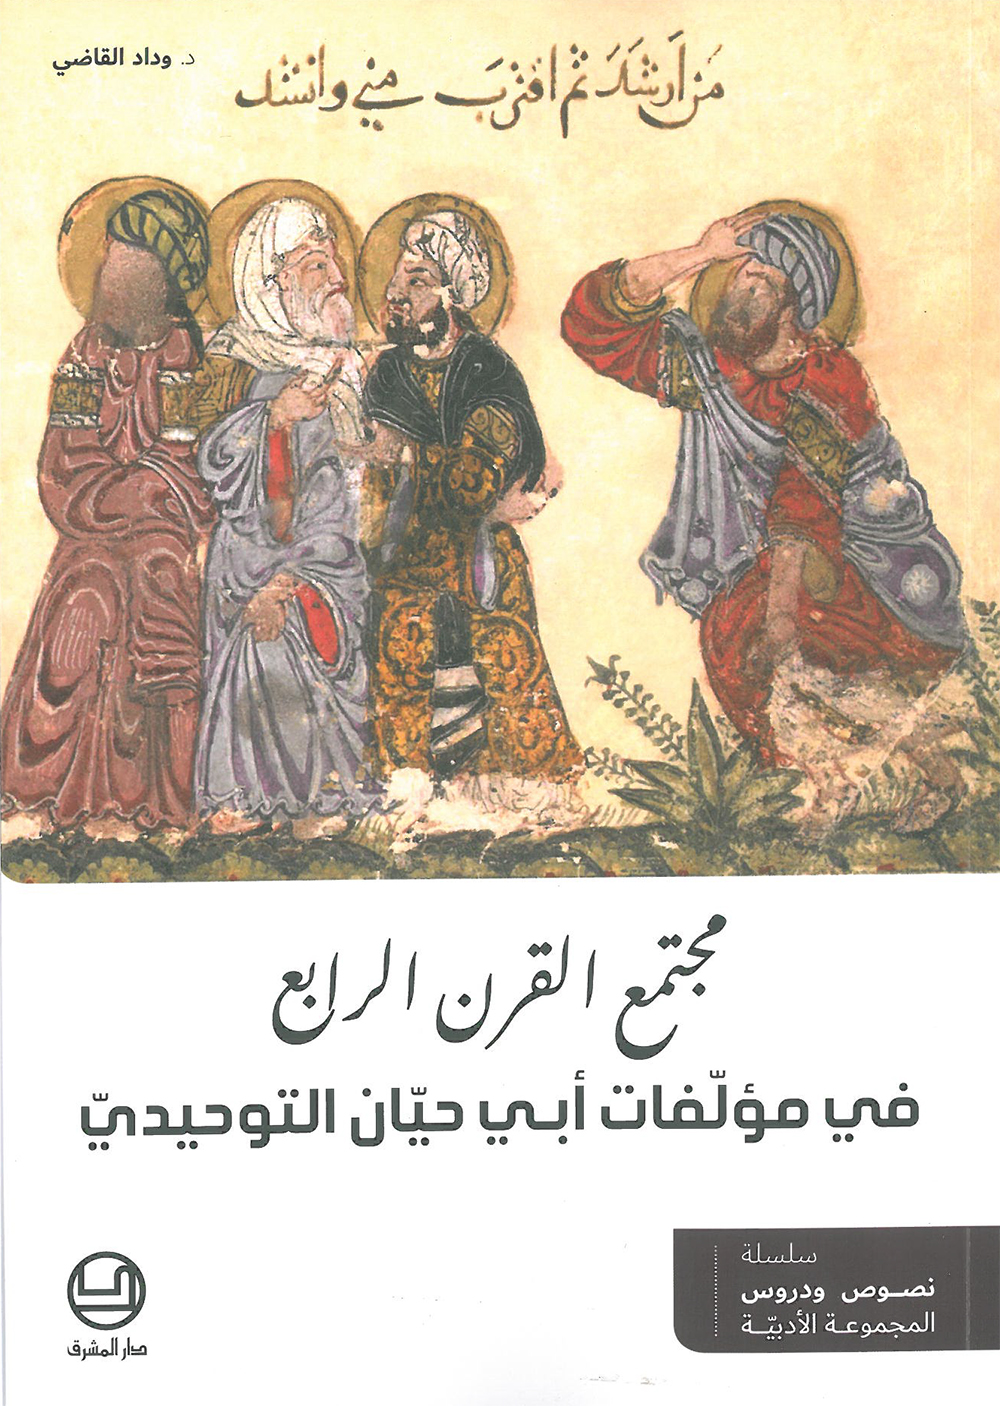 مجتمع القرن الرابع في مؤلفات أبي حيان التوحيدي